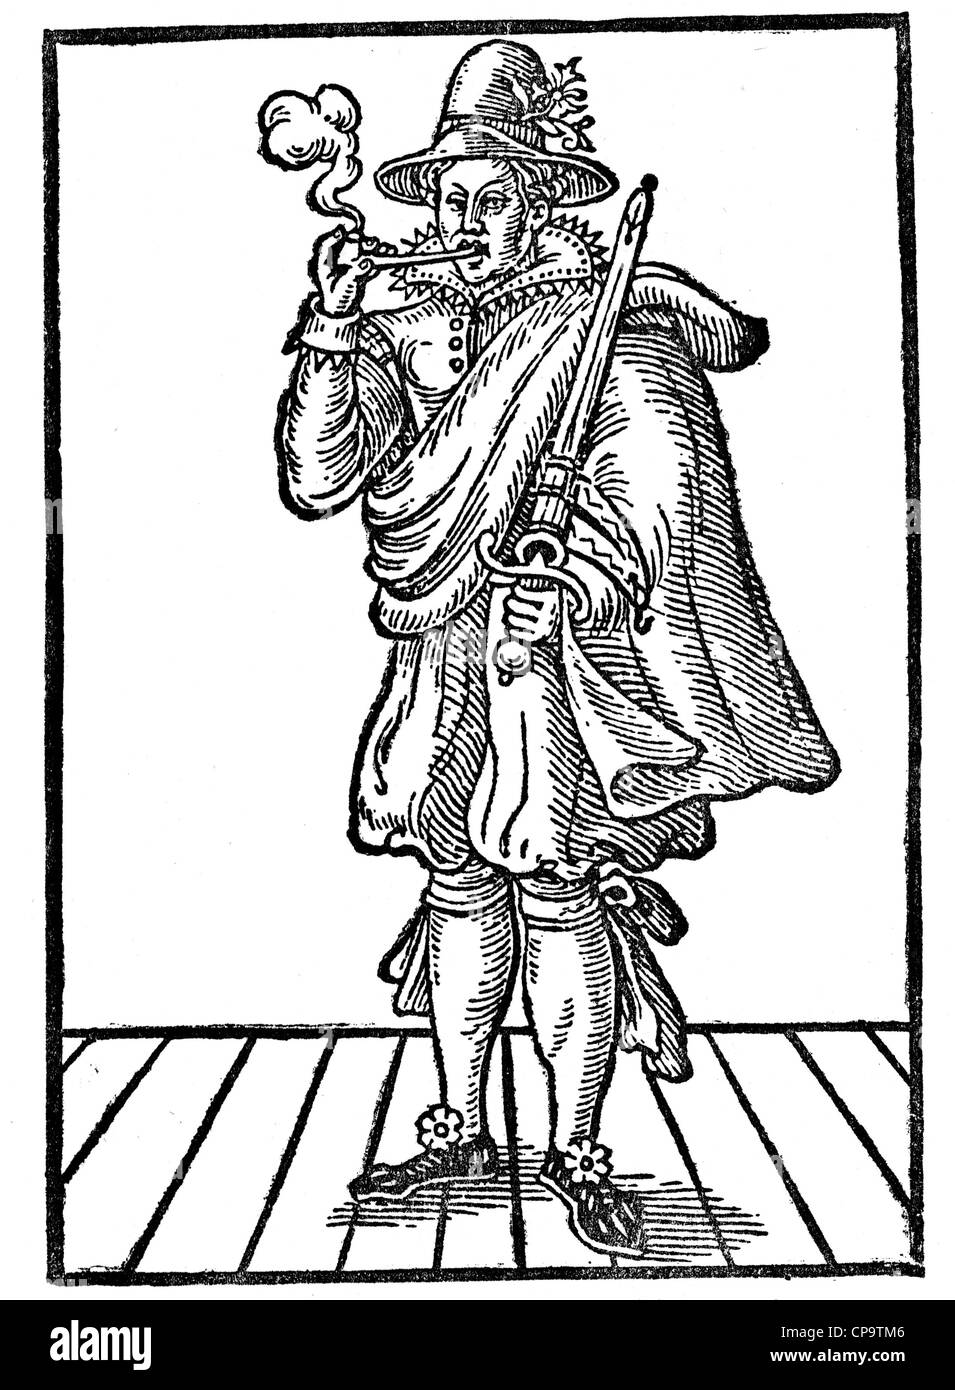 PIPE SMOKING in Elizabethan England - Stock Image